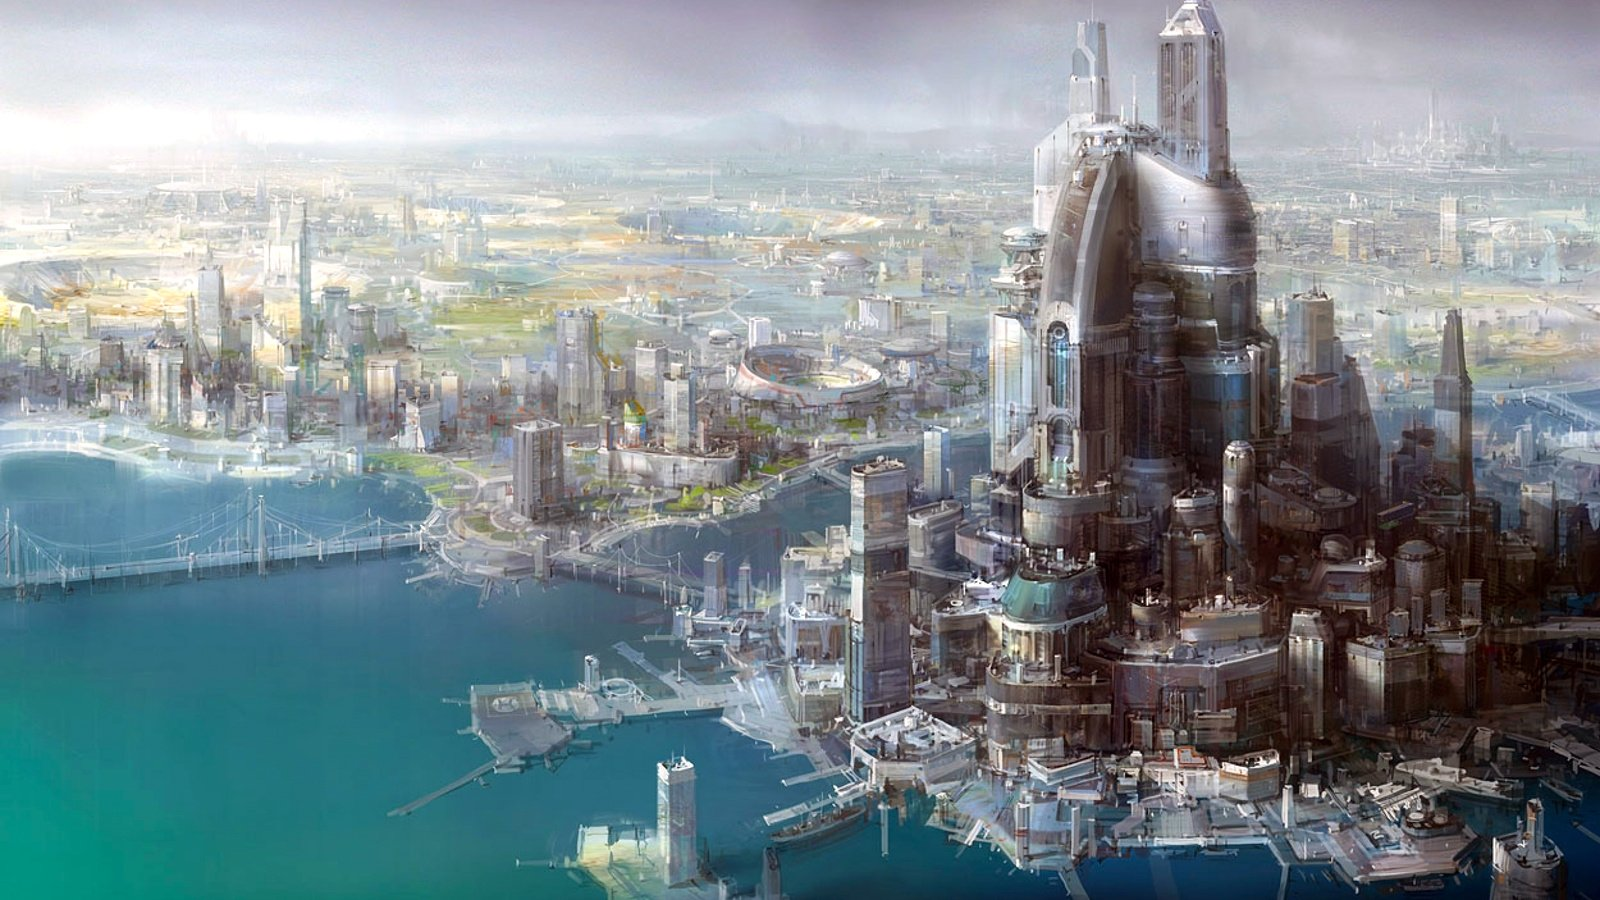 cityscapes futuristic wallpaper 1900x1041 - photo #4